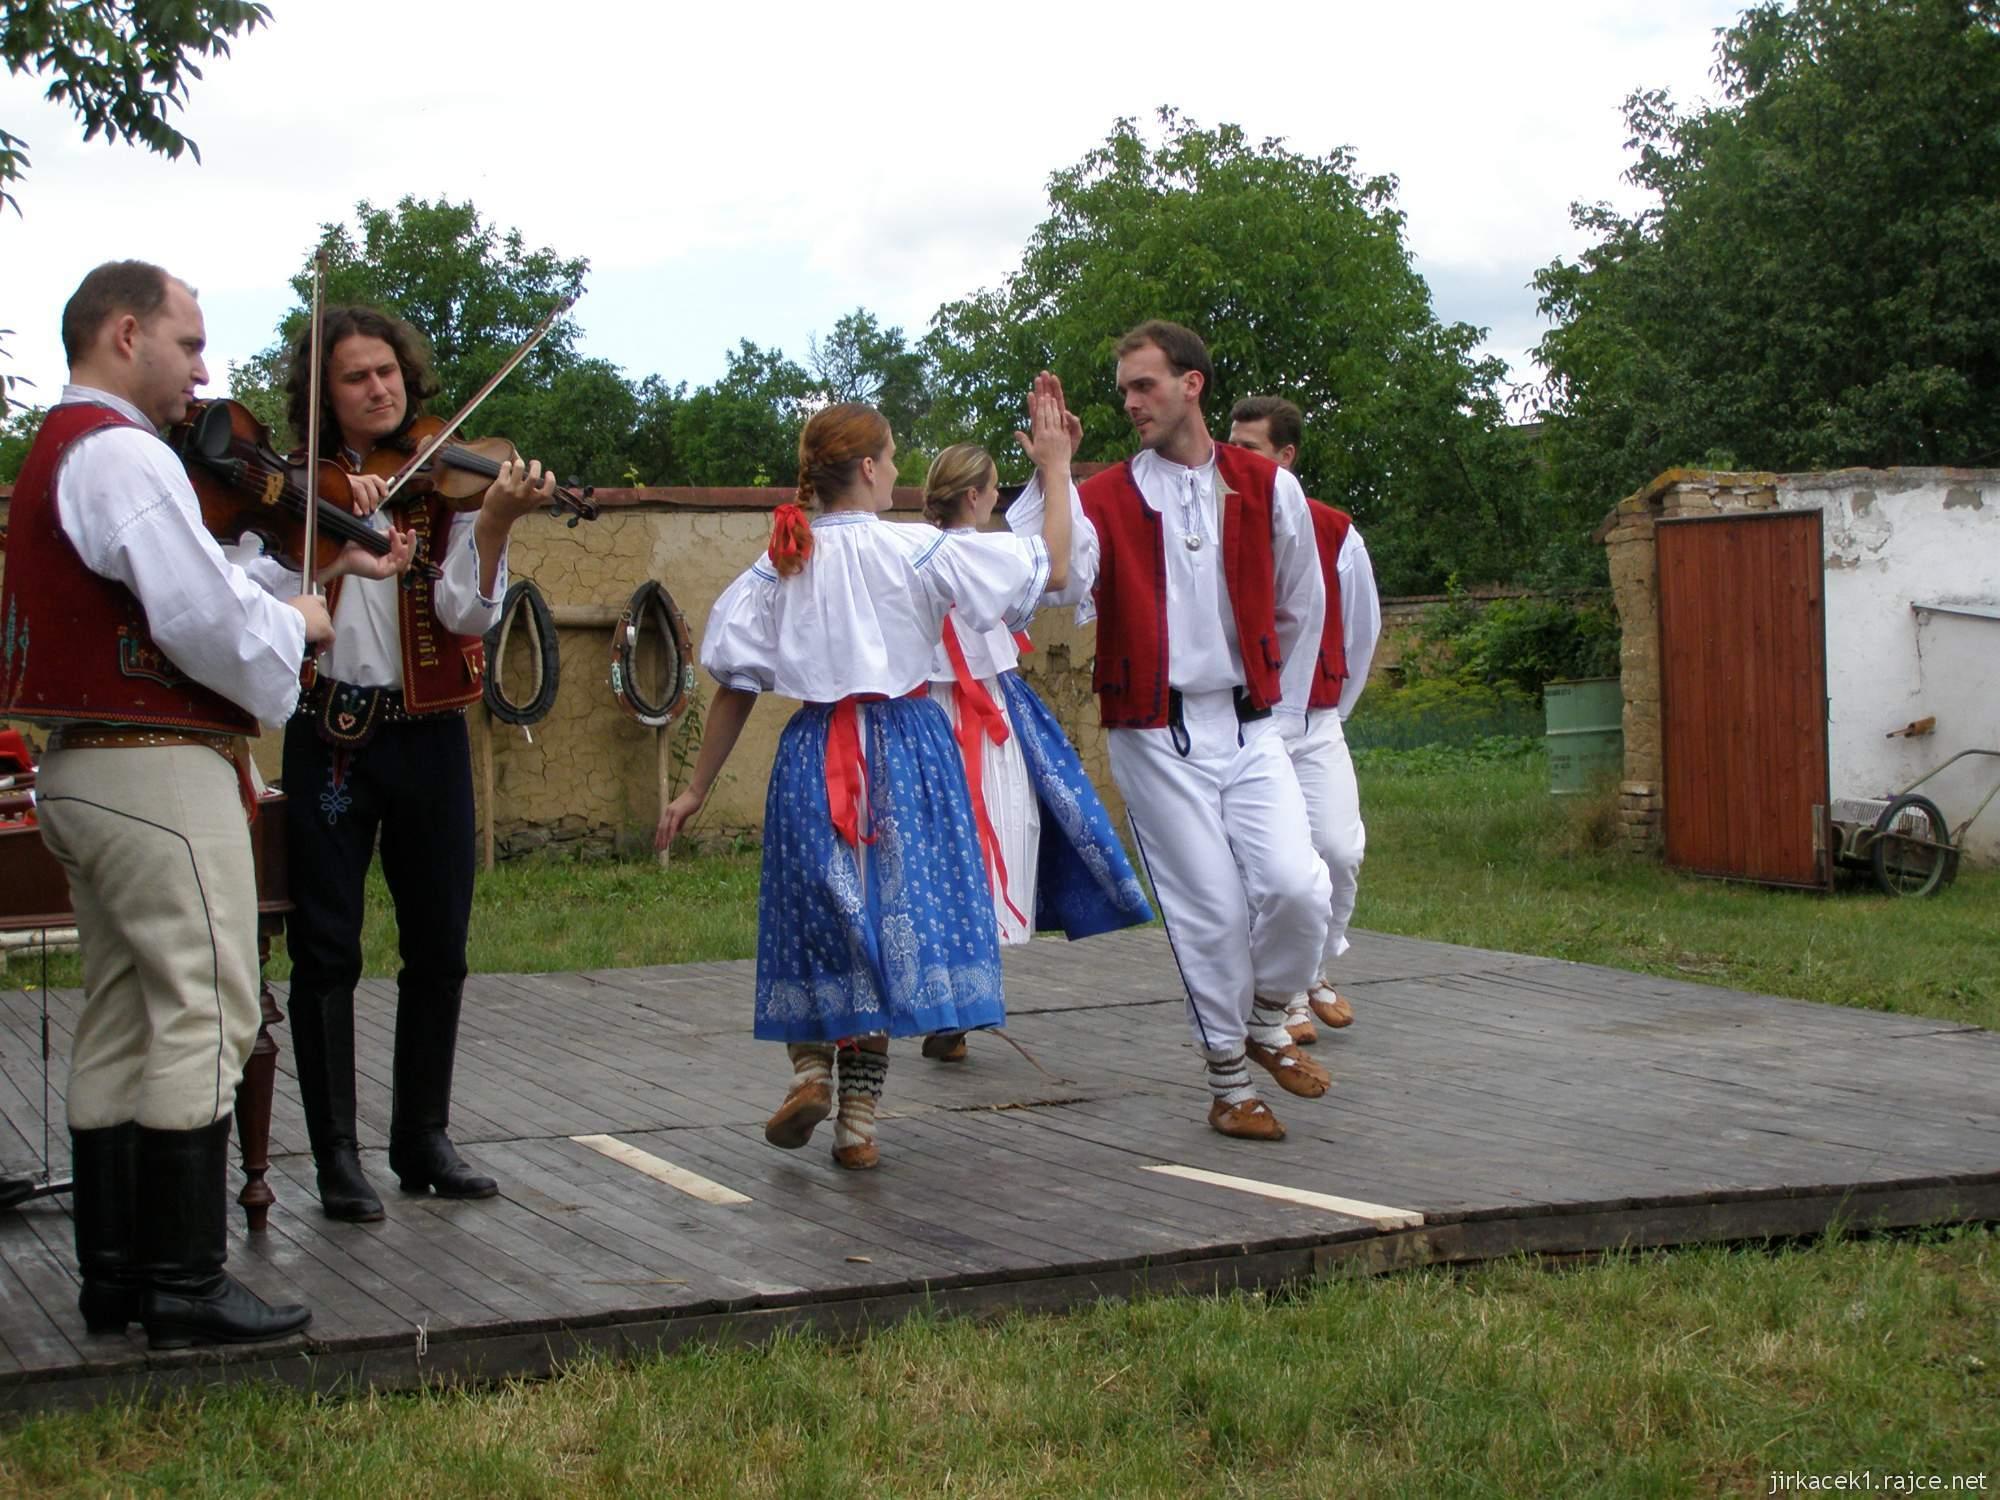 Hanácké skanzen Příkazy - vystoupení na pódiu na nádvoří